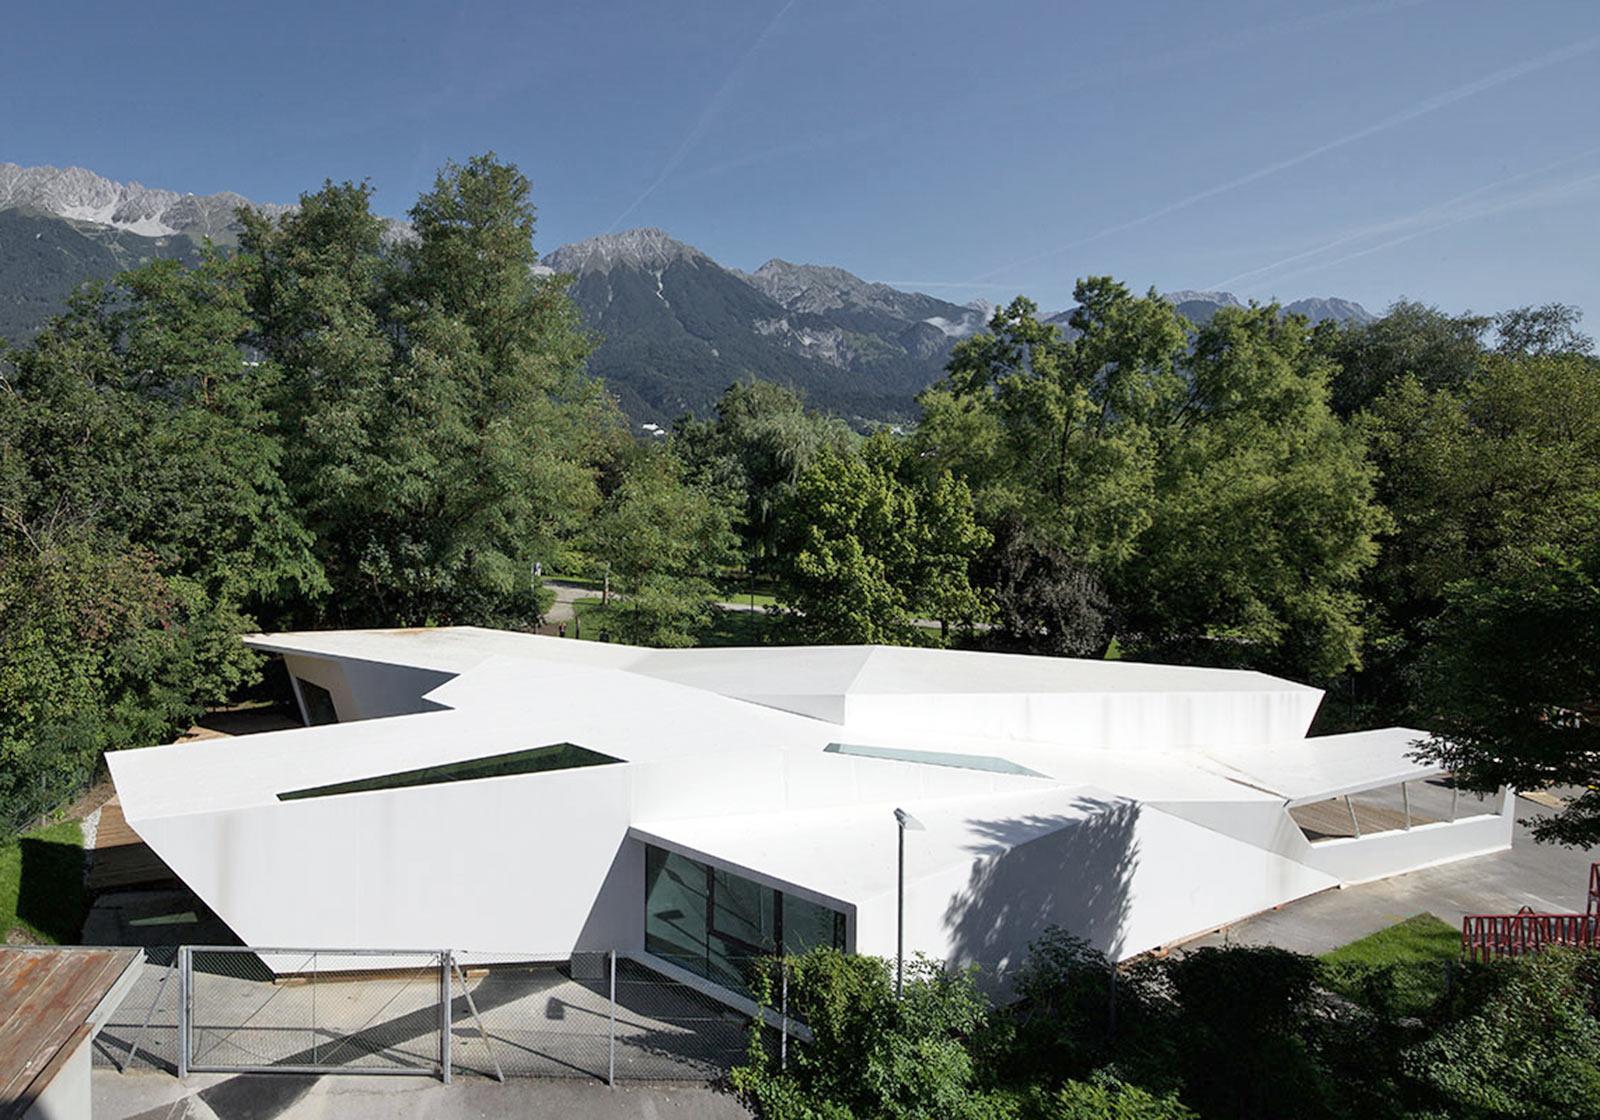 Die Kunst- und Architekturschule in Innsbruck. Foto: bilding/G.R. Wett